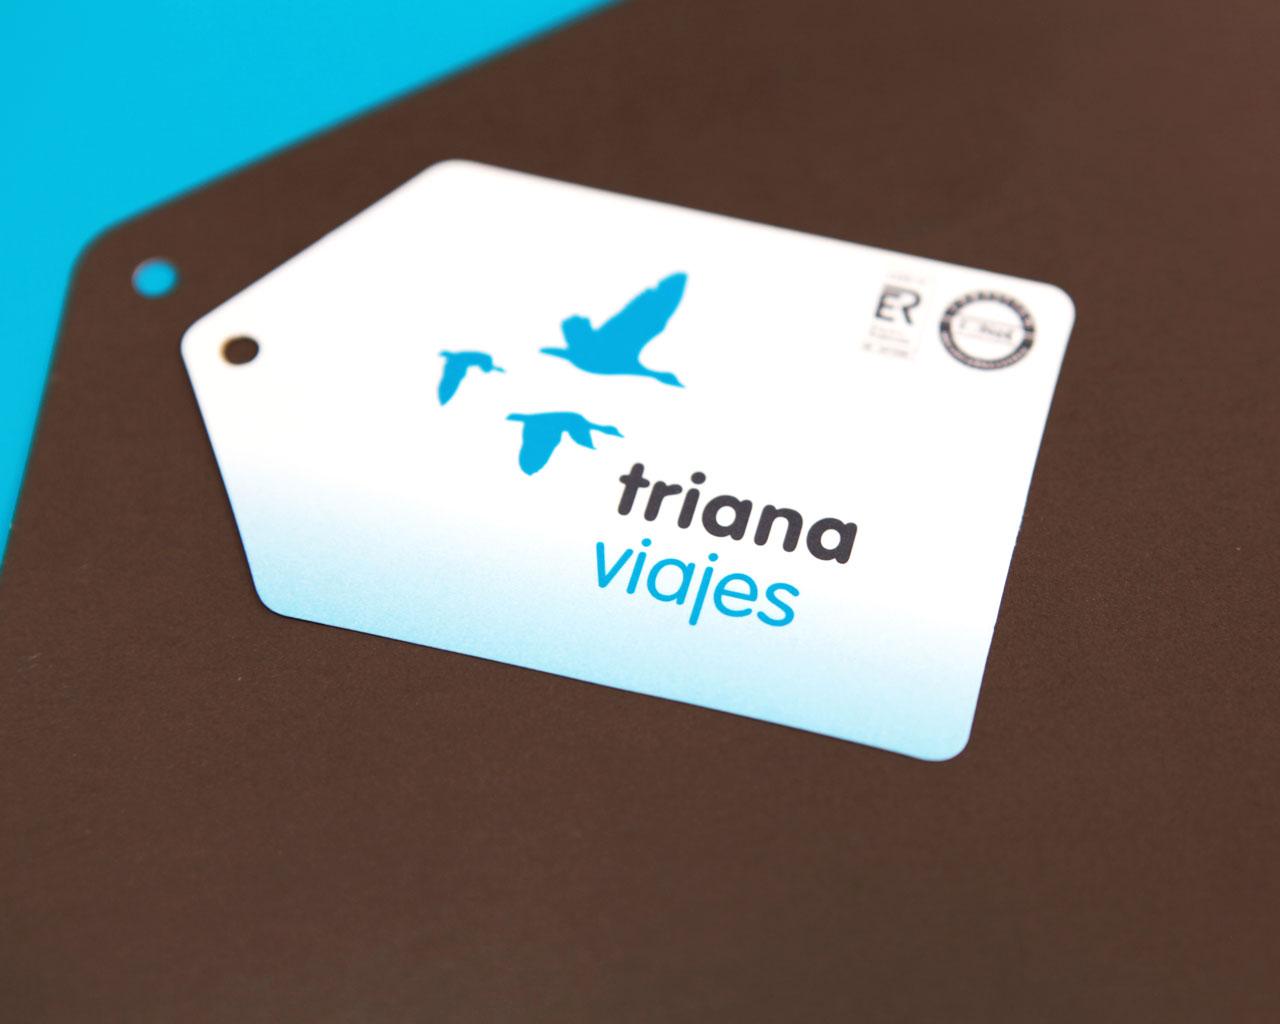 Diseño de tarjetas de Visita para Triana Viajes, por Momo & Cía.